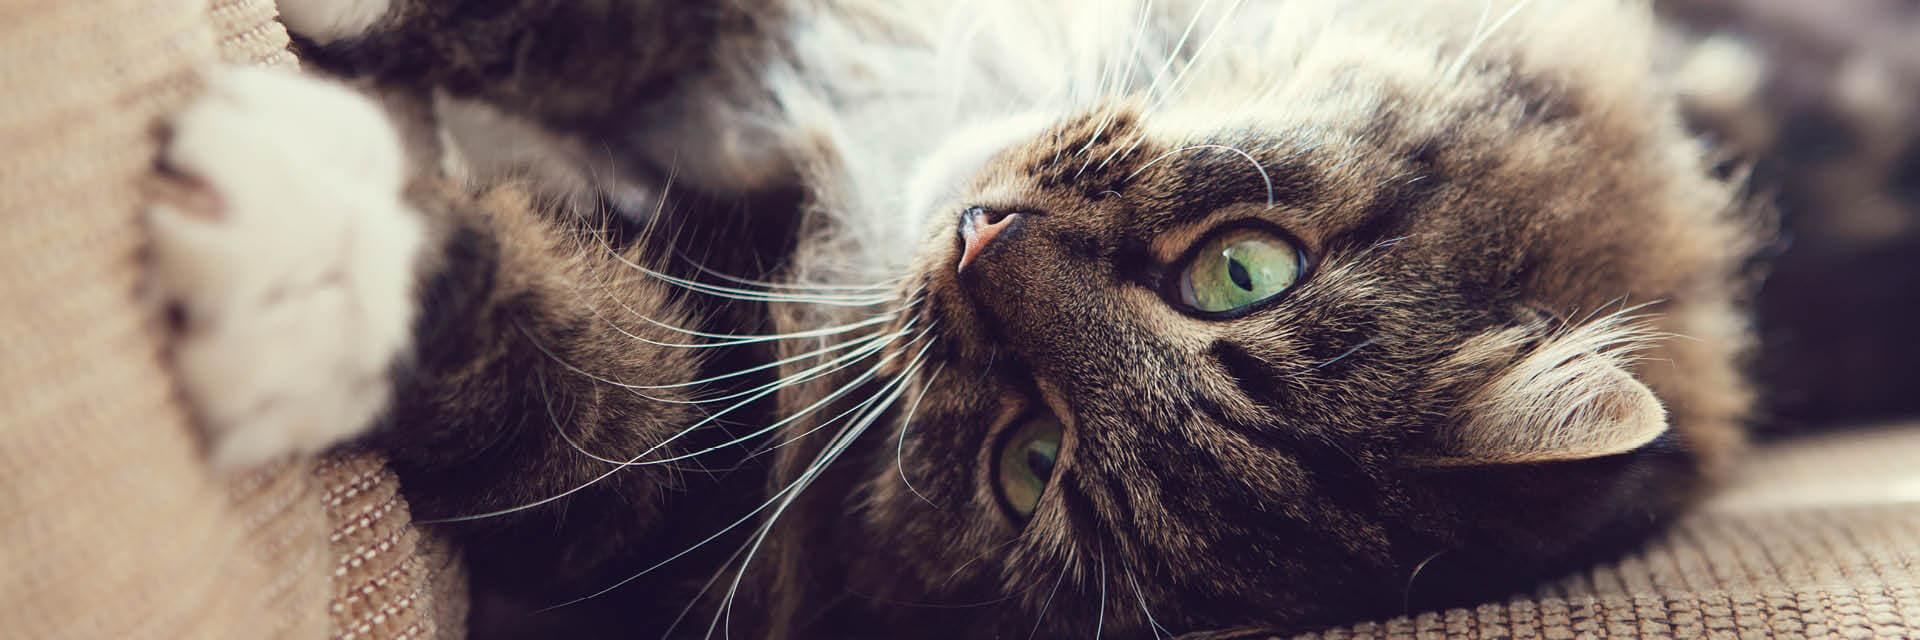 Sofas Und Katzen Tipps Für Geeignete Sofa Stoffe Möbelhaus Kuboth